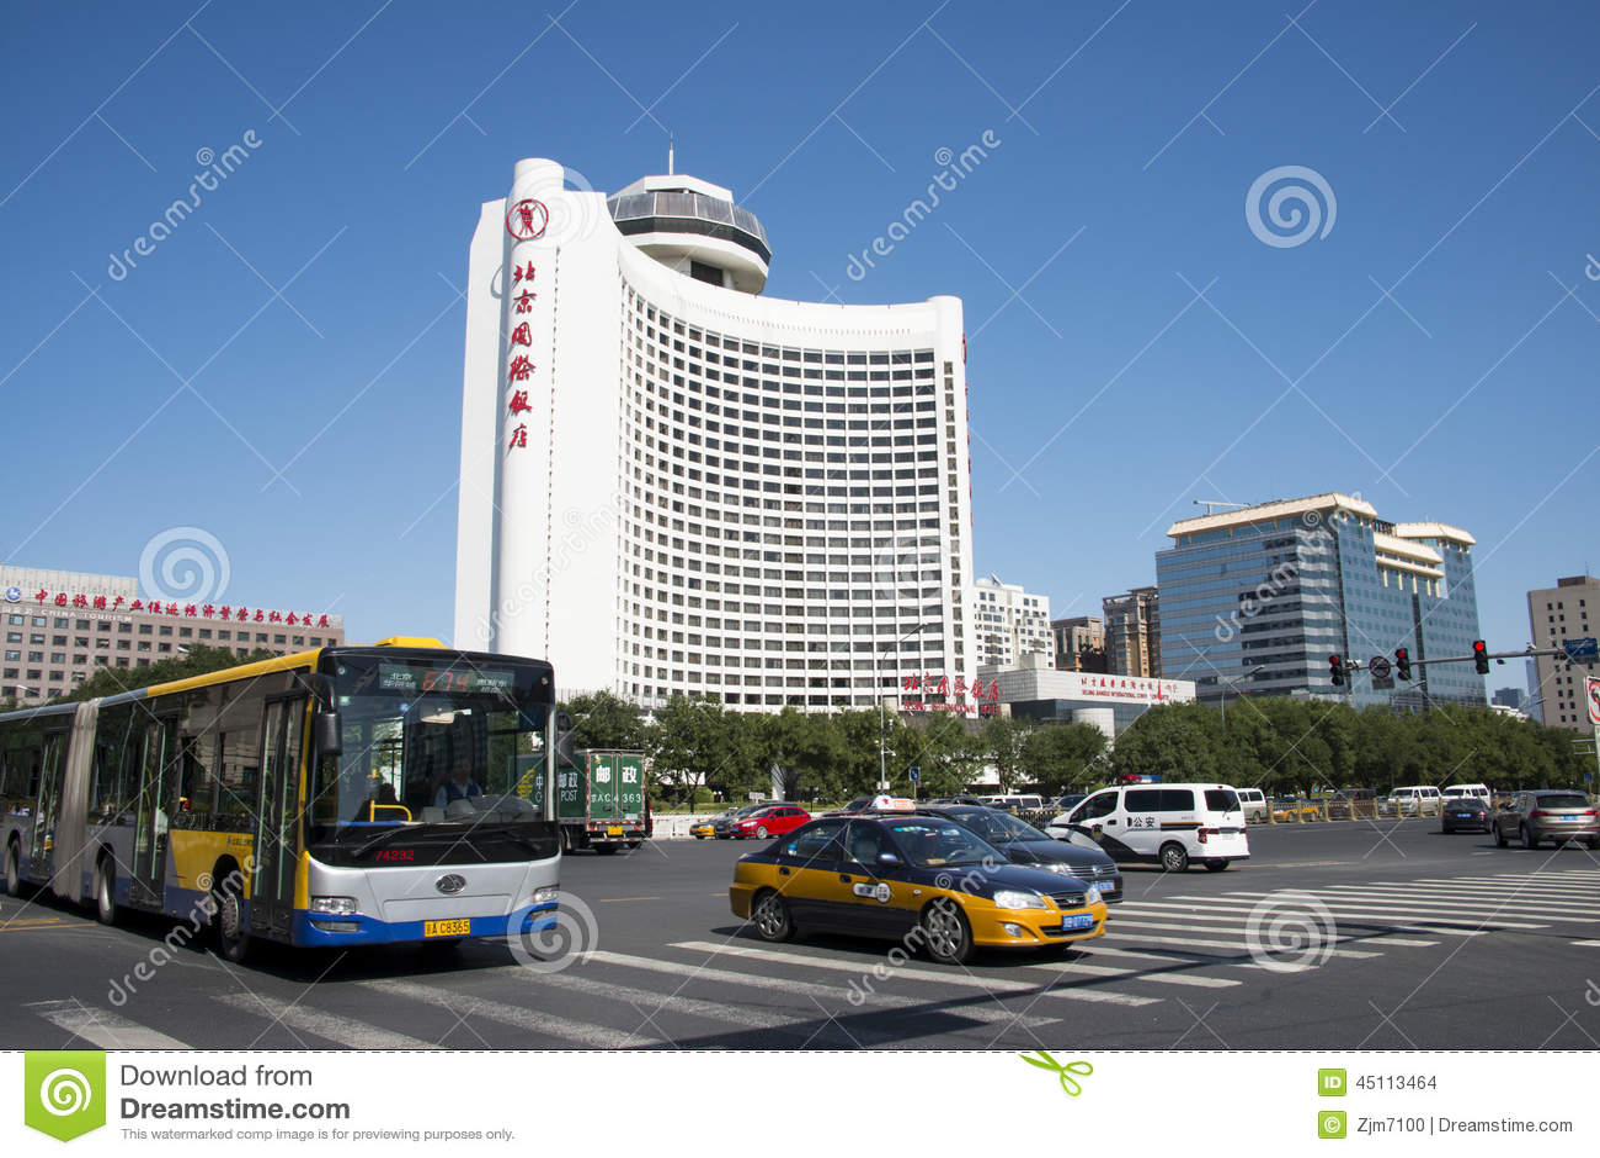 Asian China, Beijing, Beijing International Hotel, Beijing is located ...